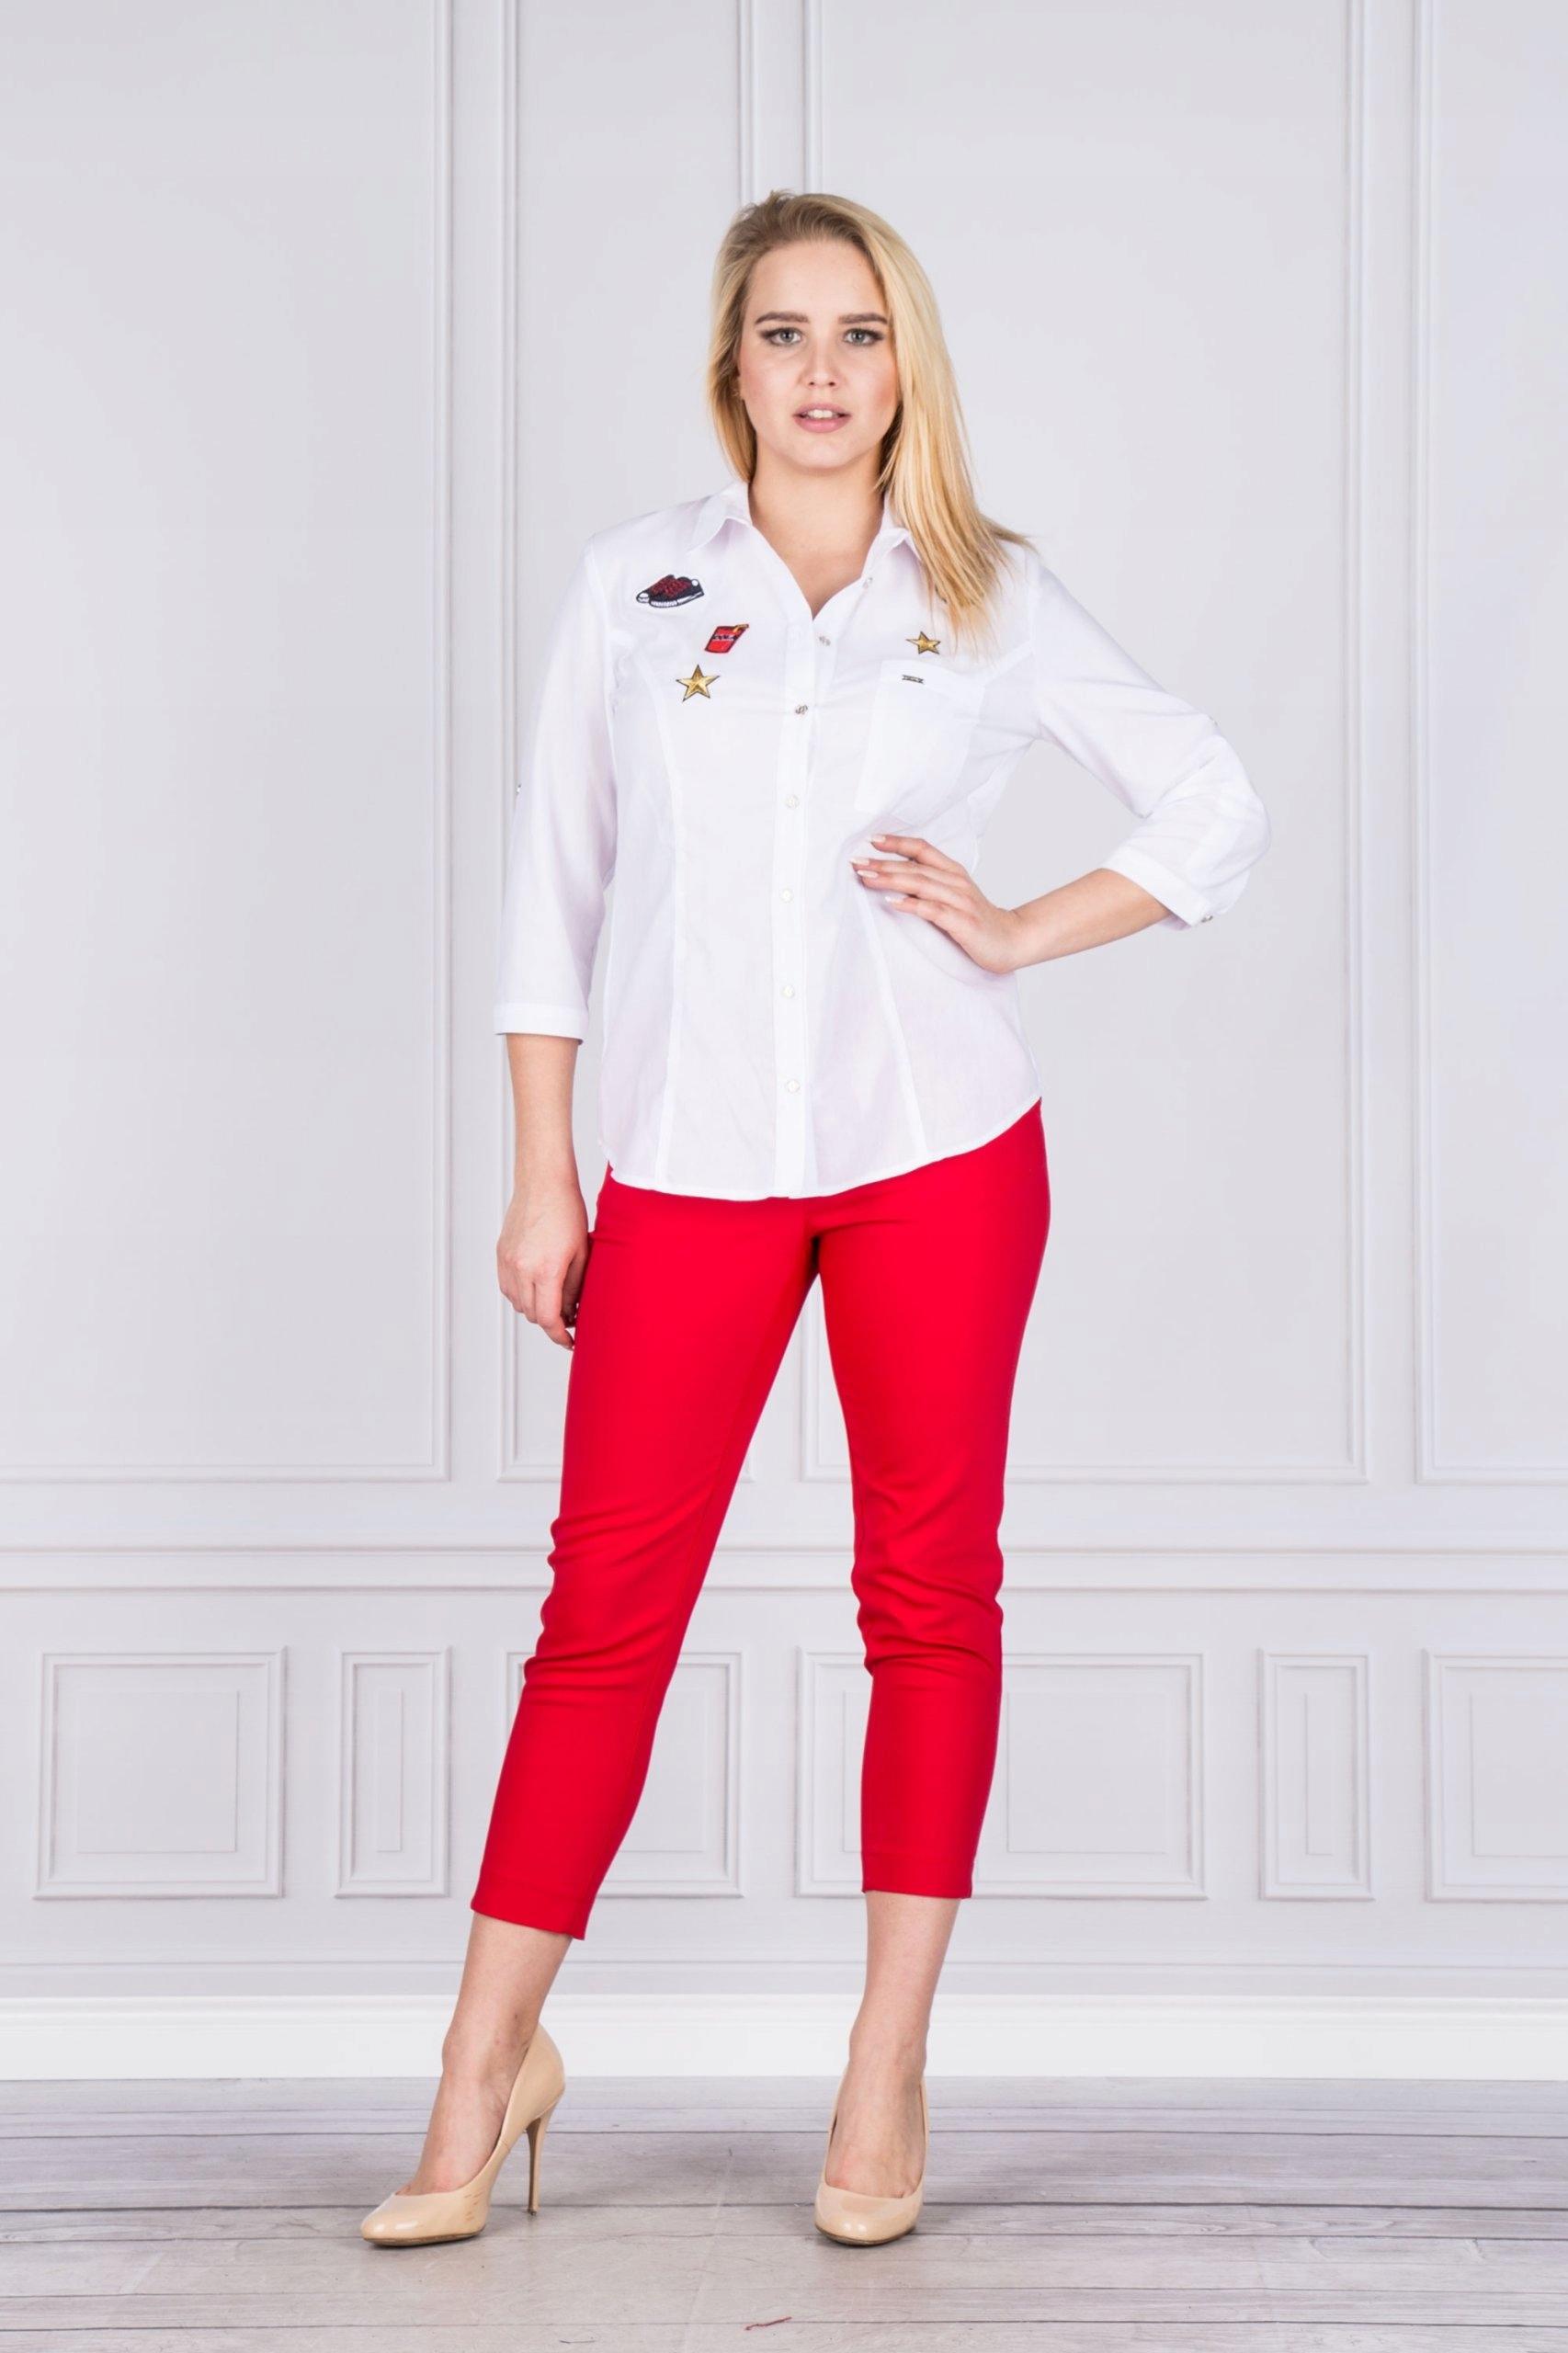 8e20c3bc Bluzka damska koszulowa biała roz 52 - 7352369694 - oficjalne ...